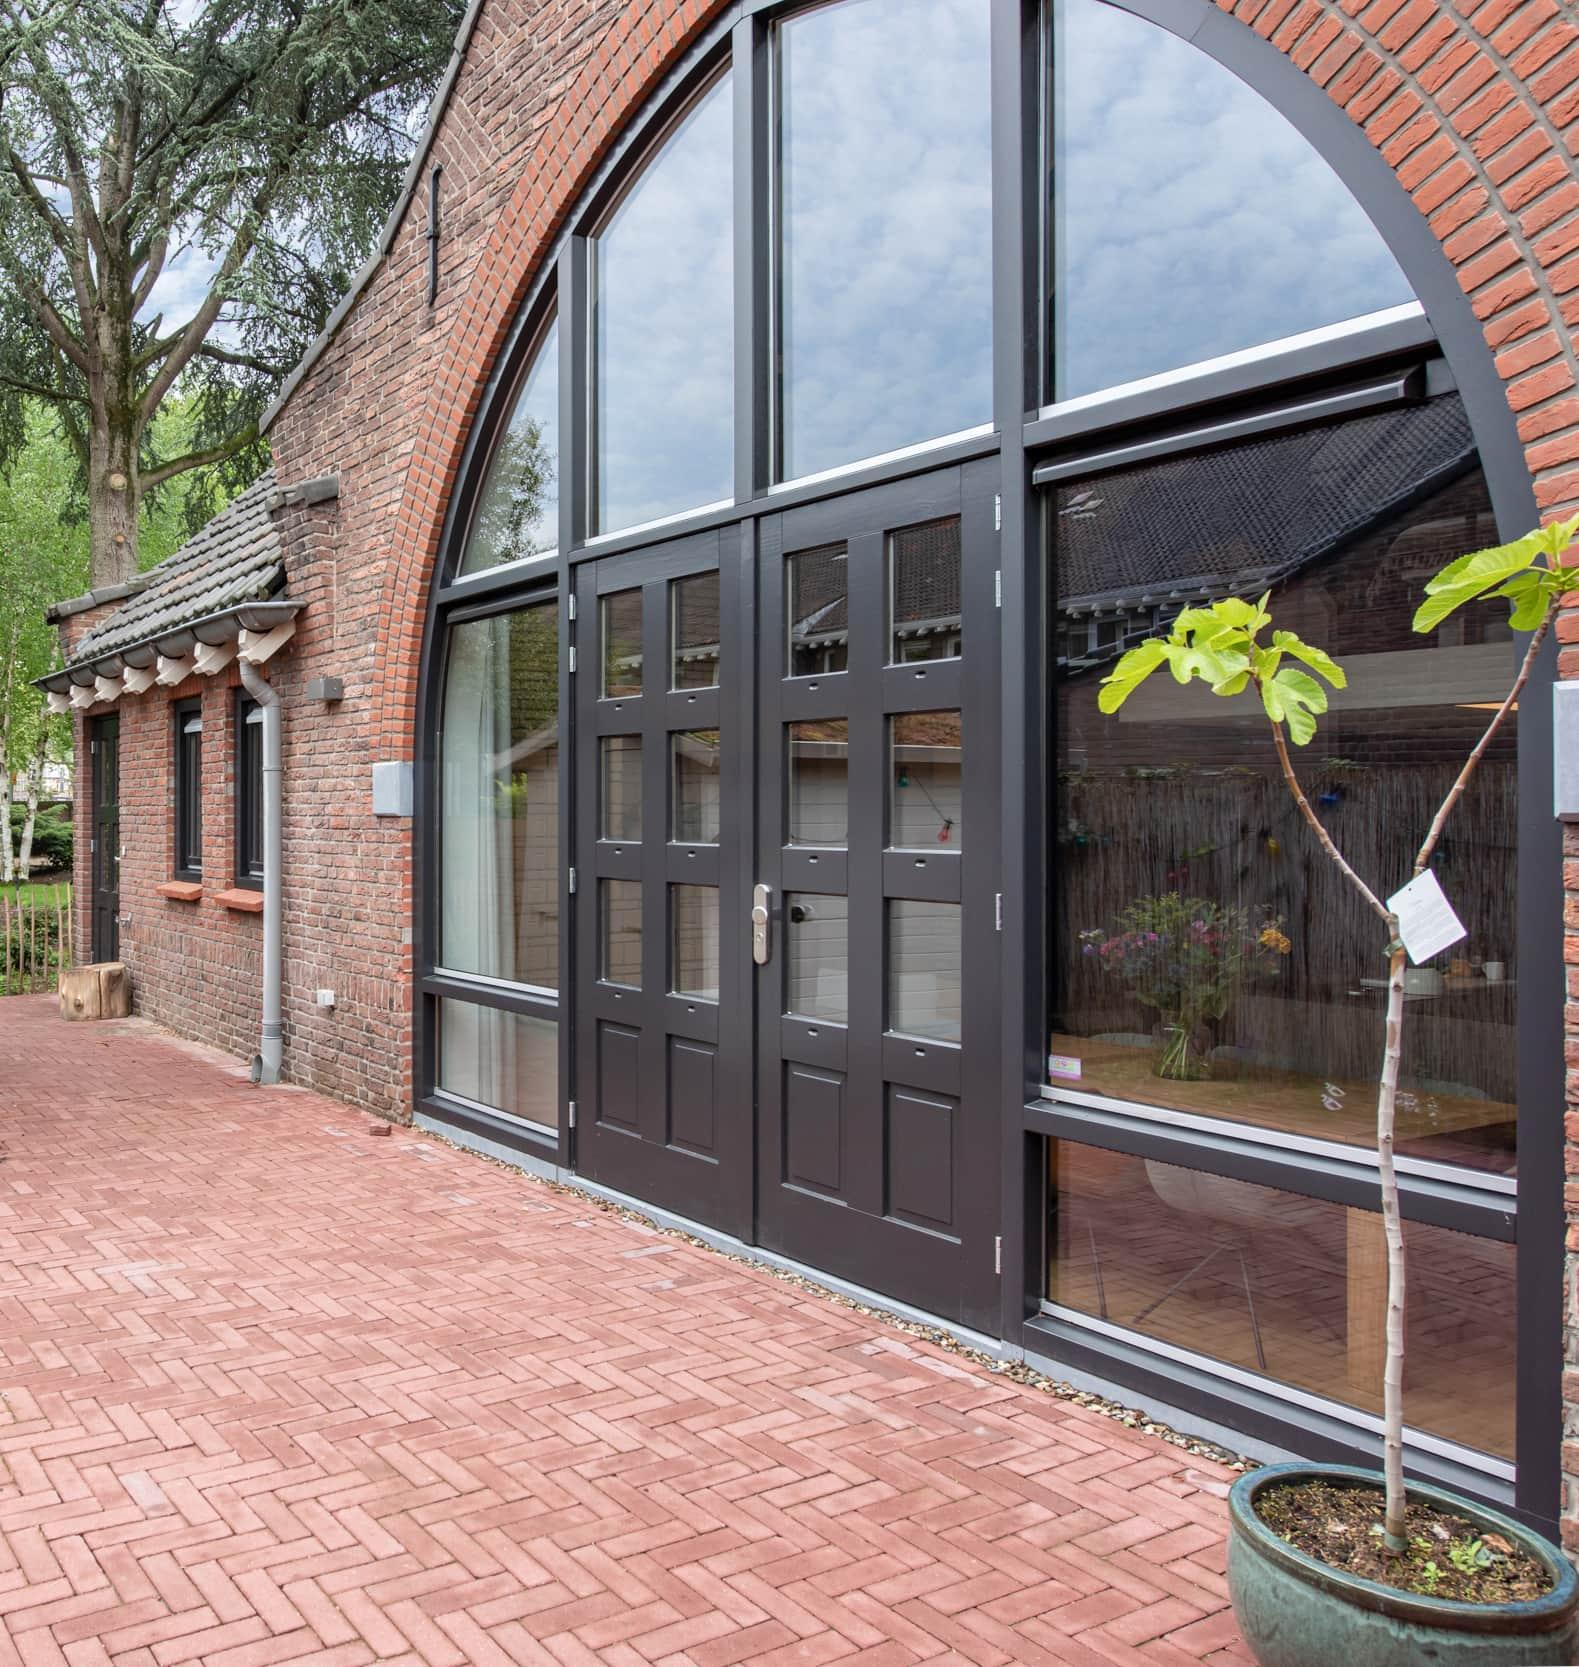 van-os-architecten-verbouwing-kapel-tot-woonhuis-oranjeboomstraat-breda-hoge-pui-richting-tuin-vanuit-woonkamer-en-keuken